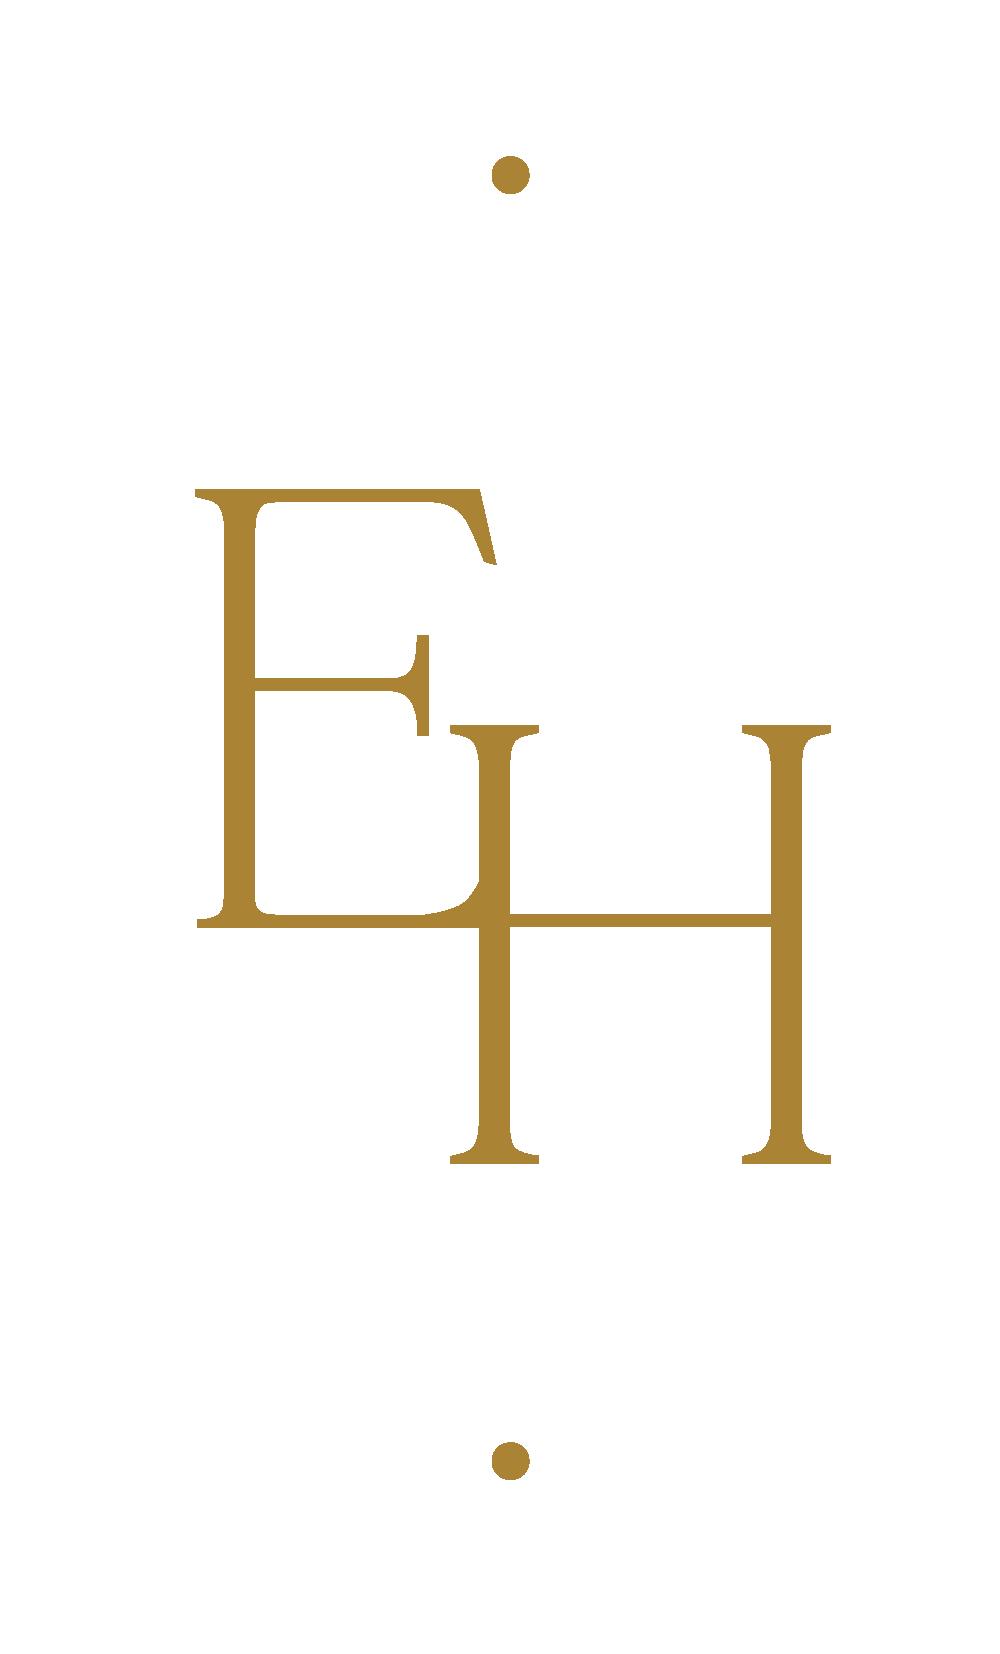 EH-LogoV4-Gold.png